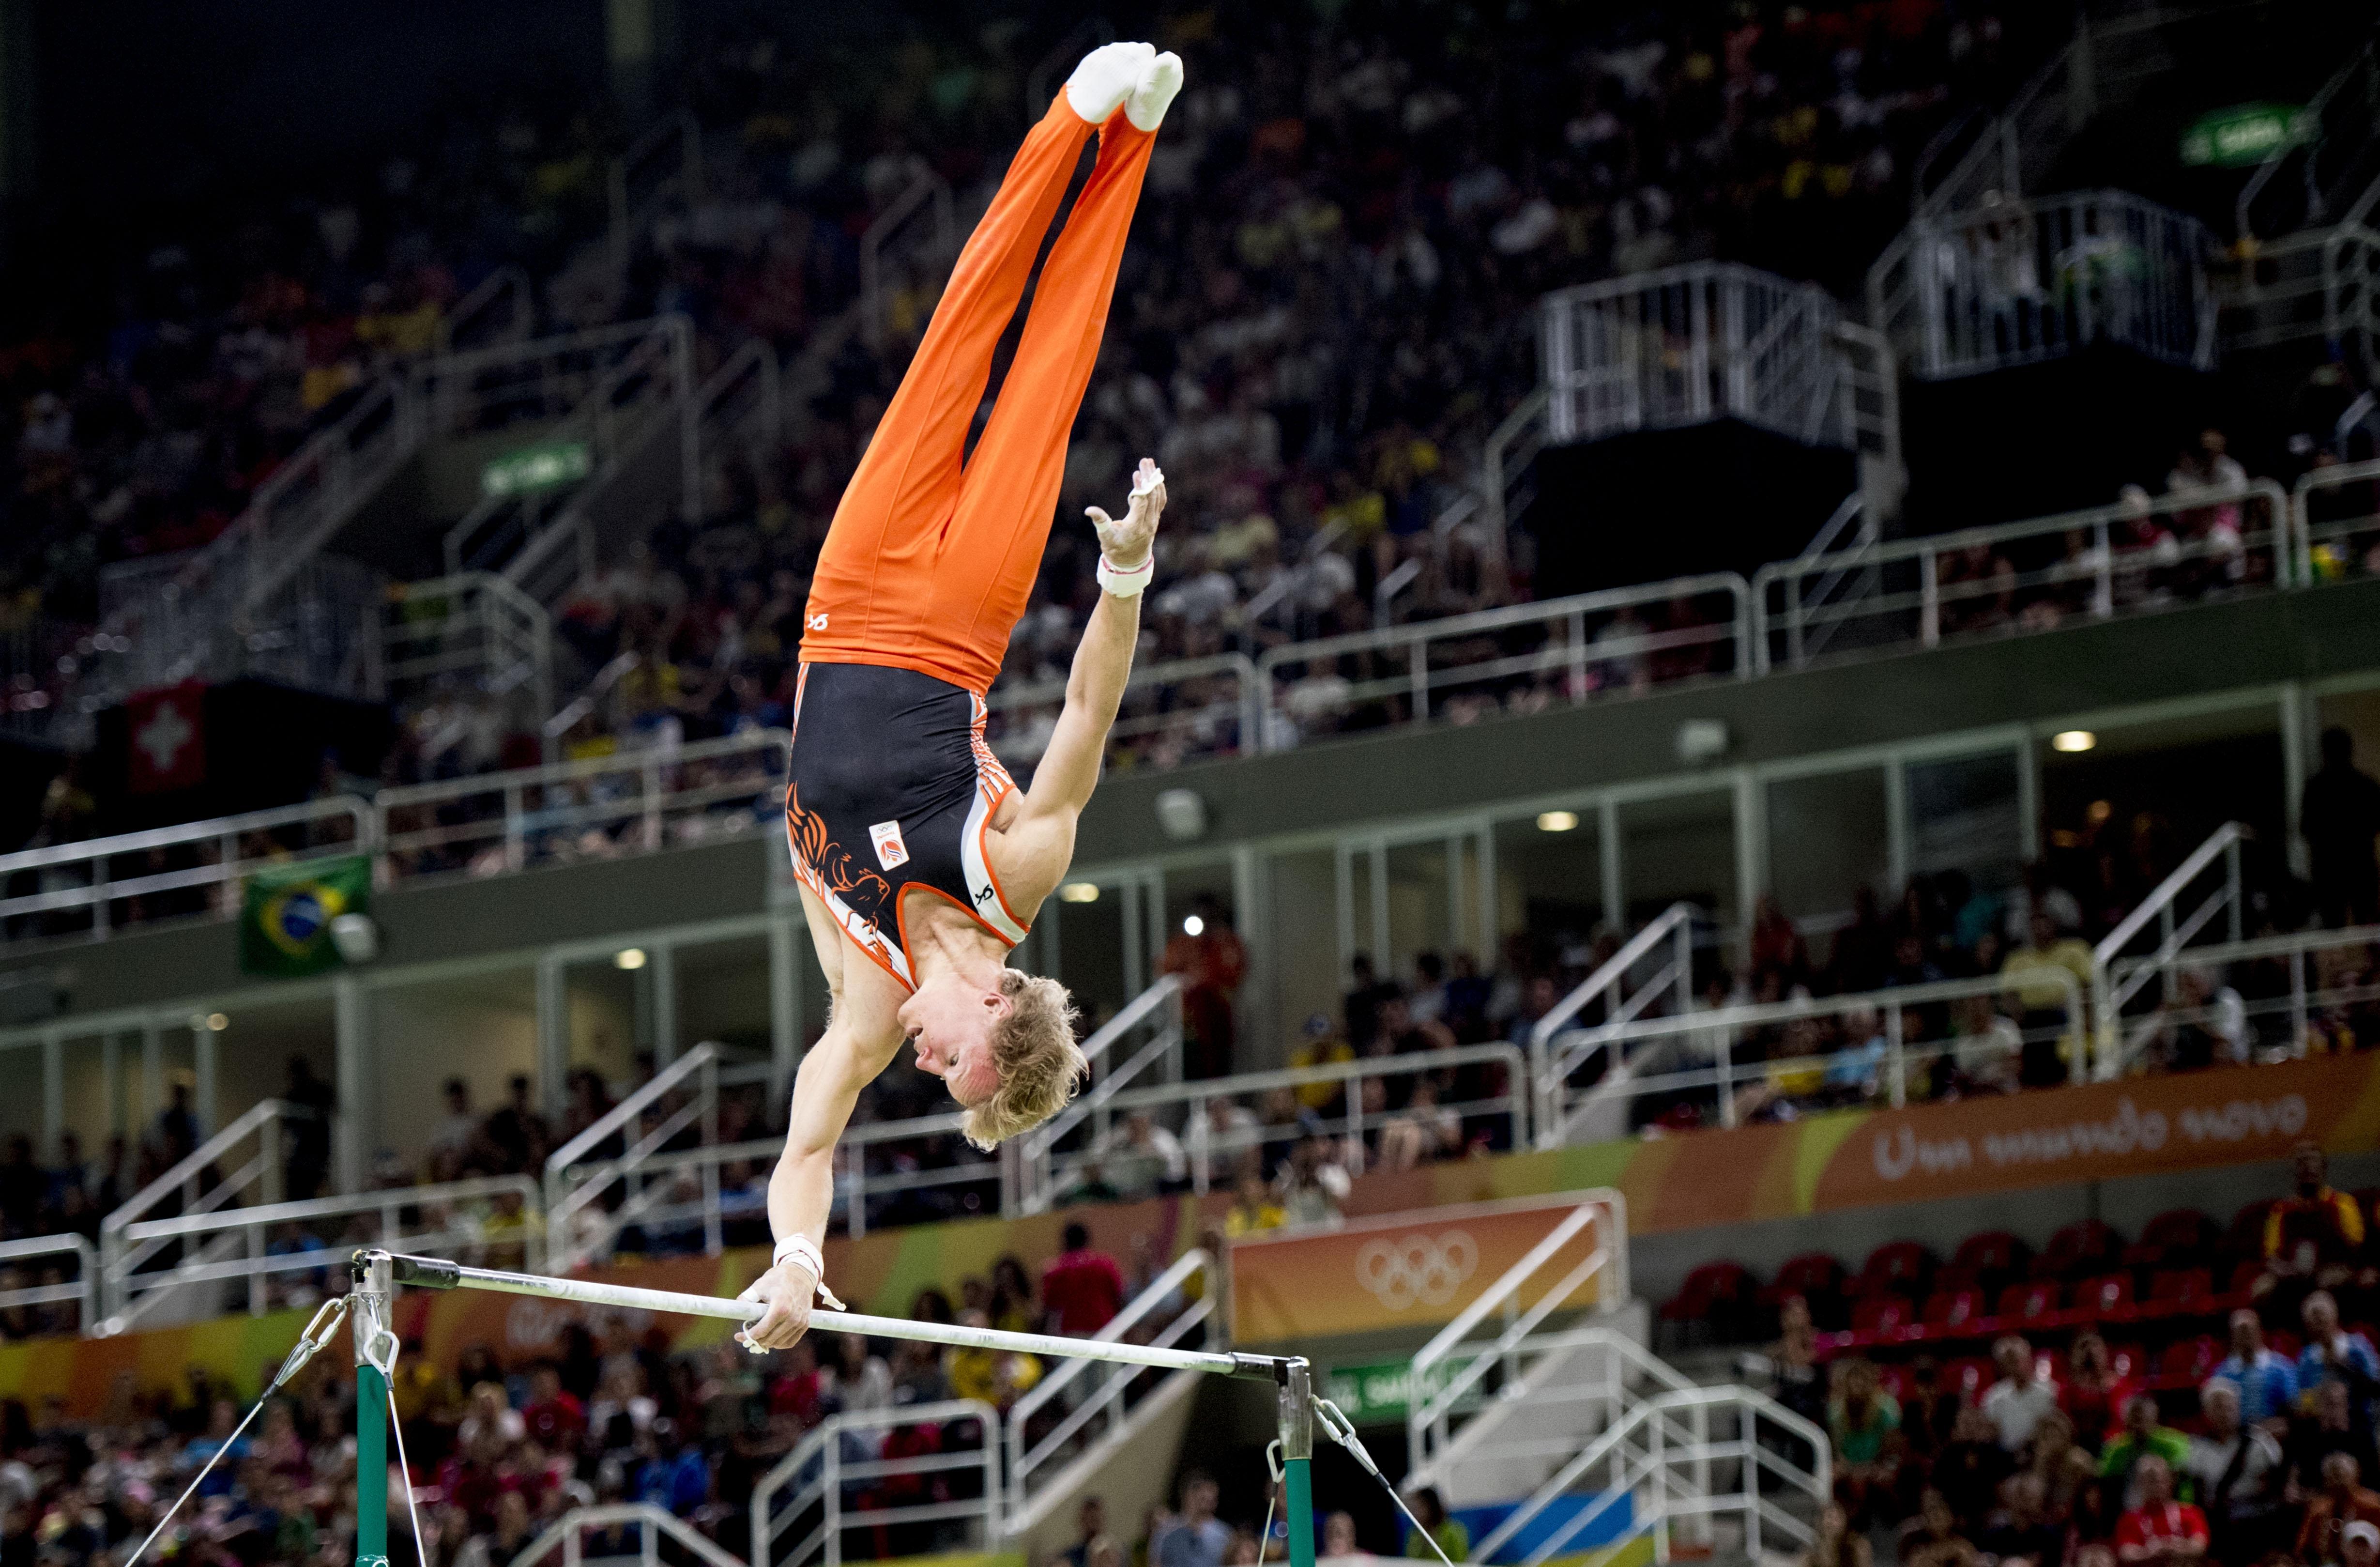 Ai! Gymnast Epke Zonderland maakt harde val op Olympische Spelen